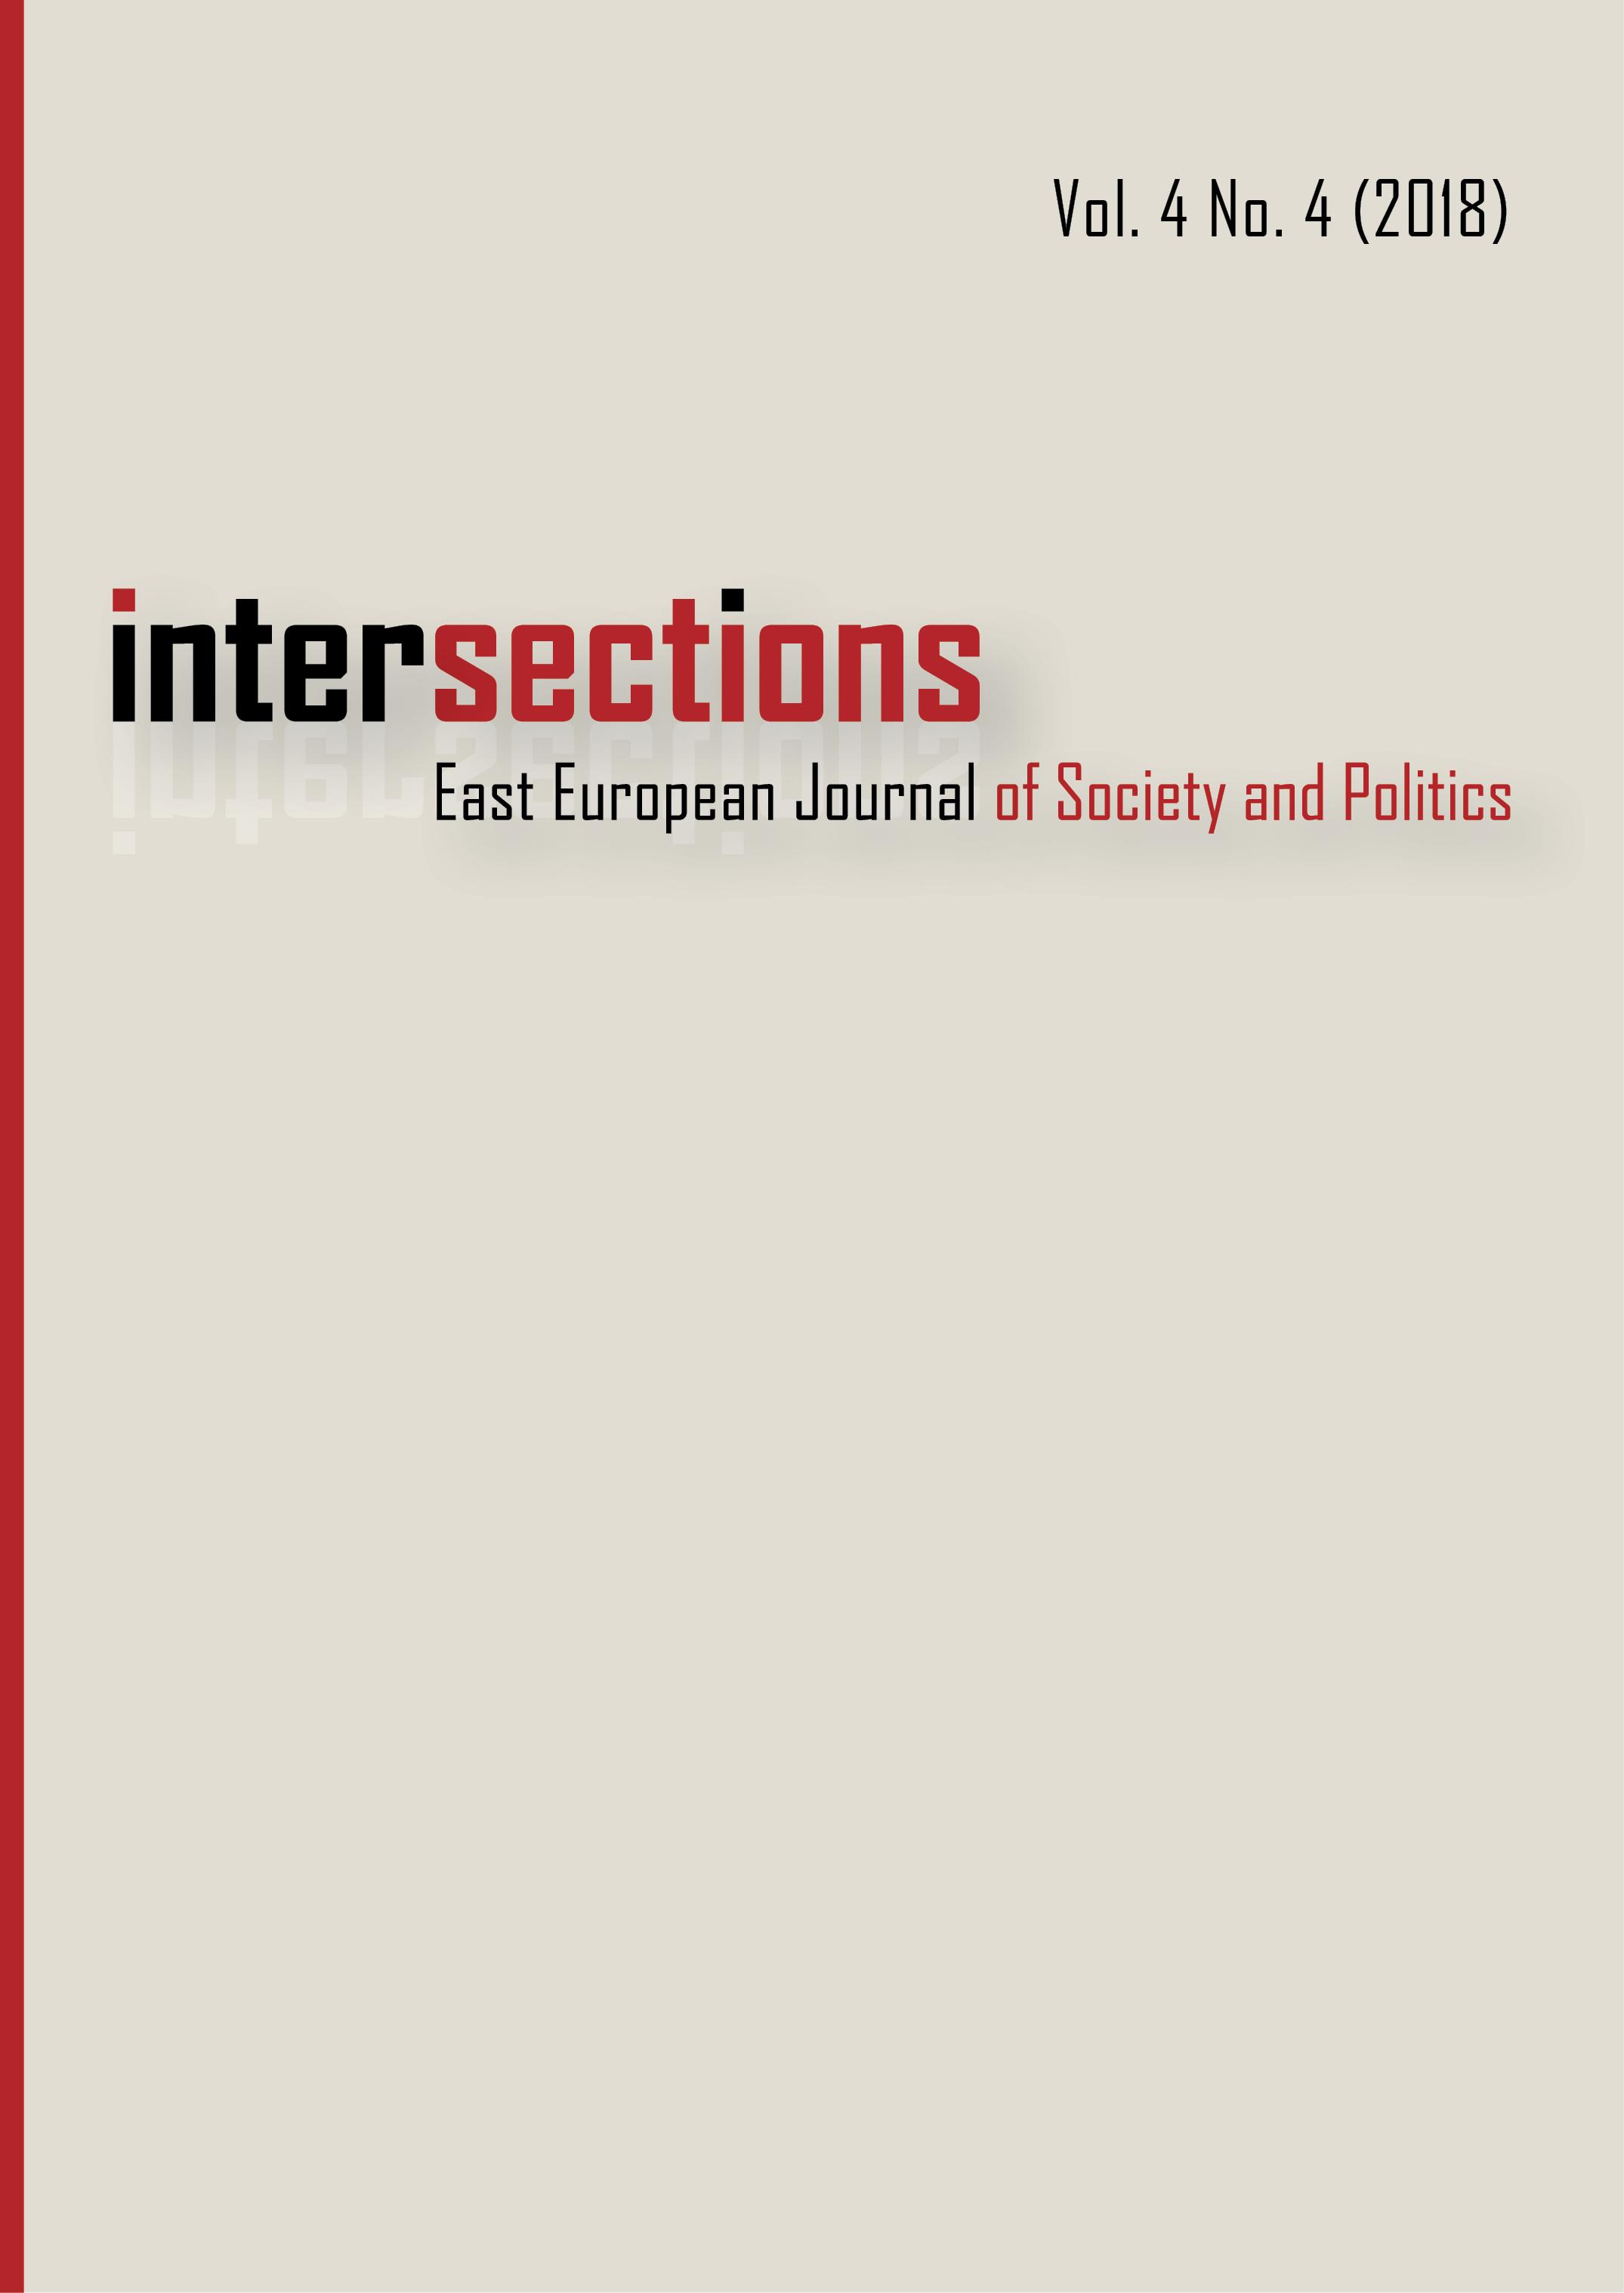 View Vol. 4 No. 4 (2018): General Articles